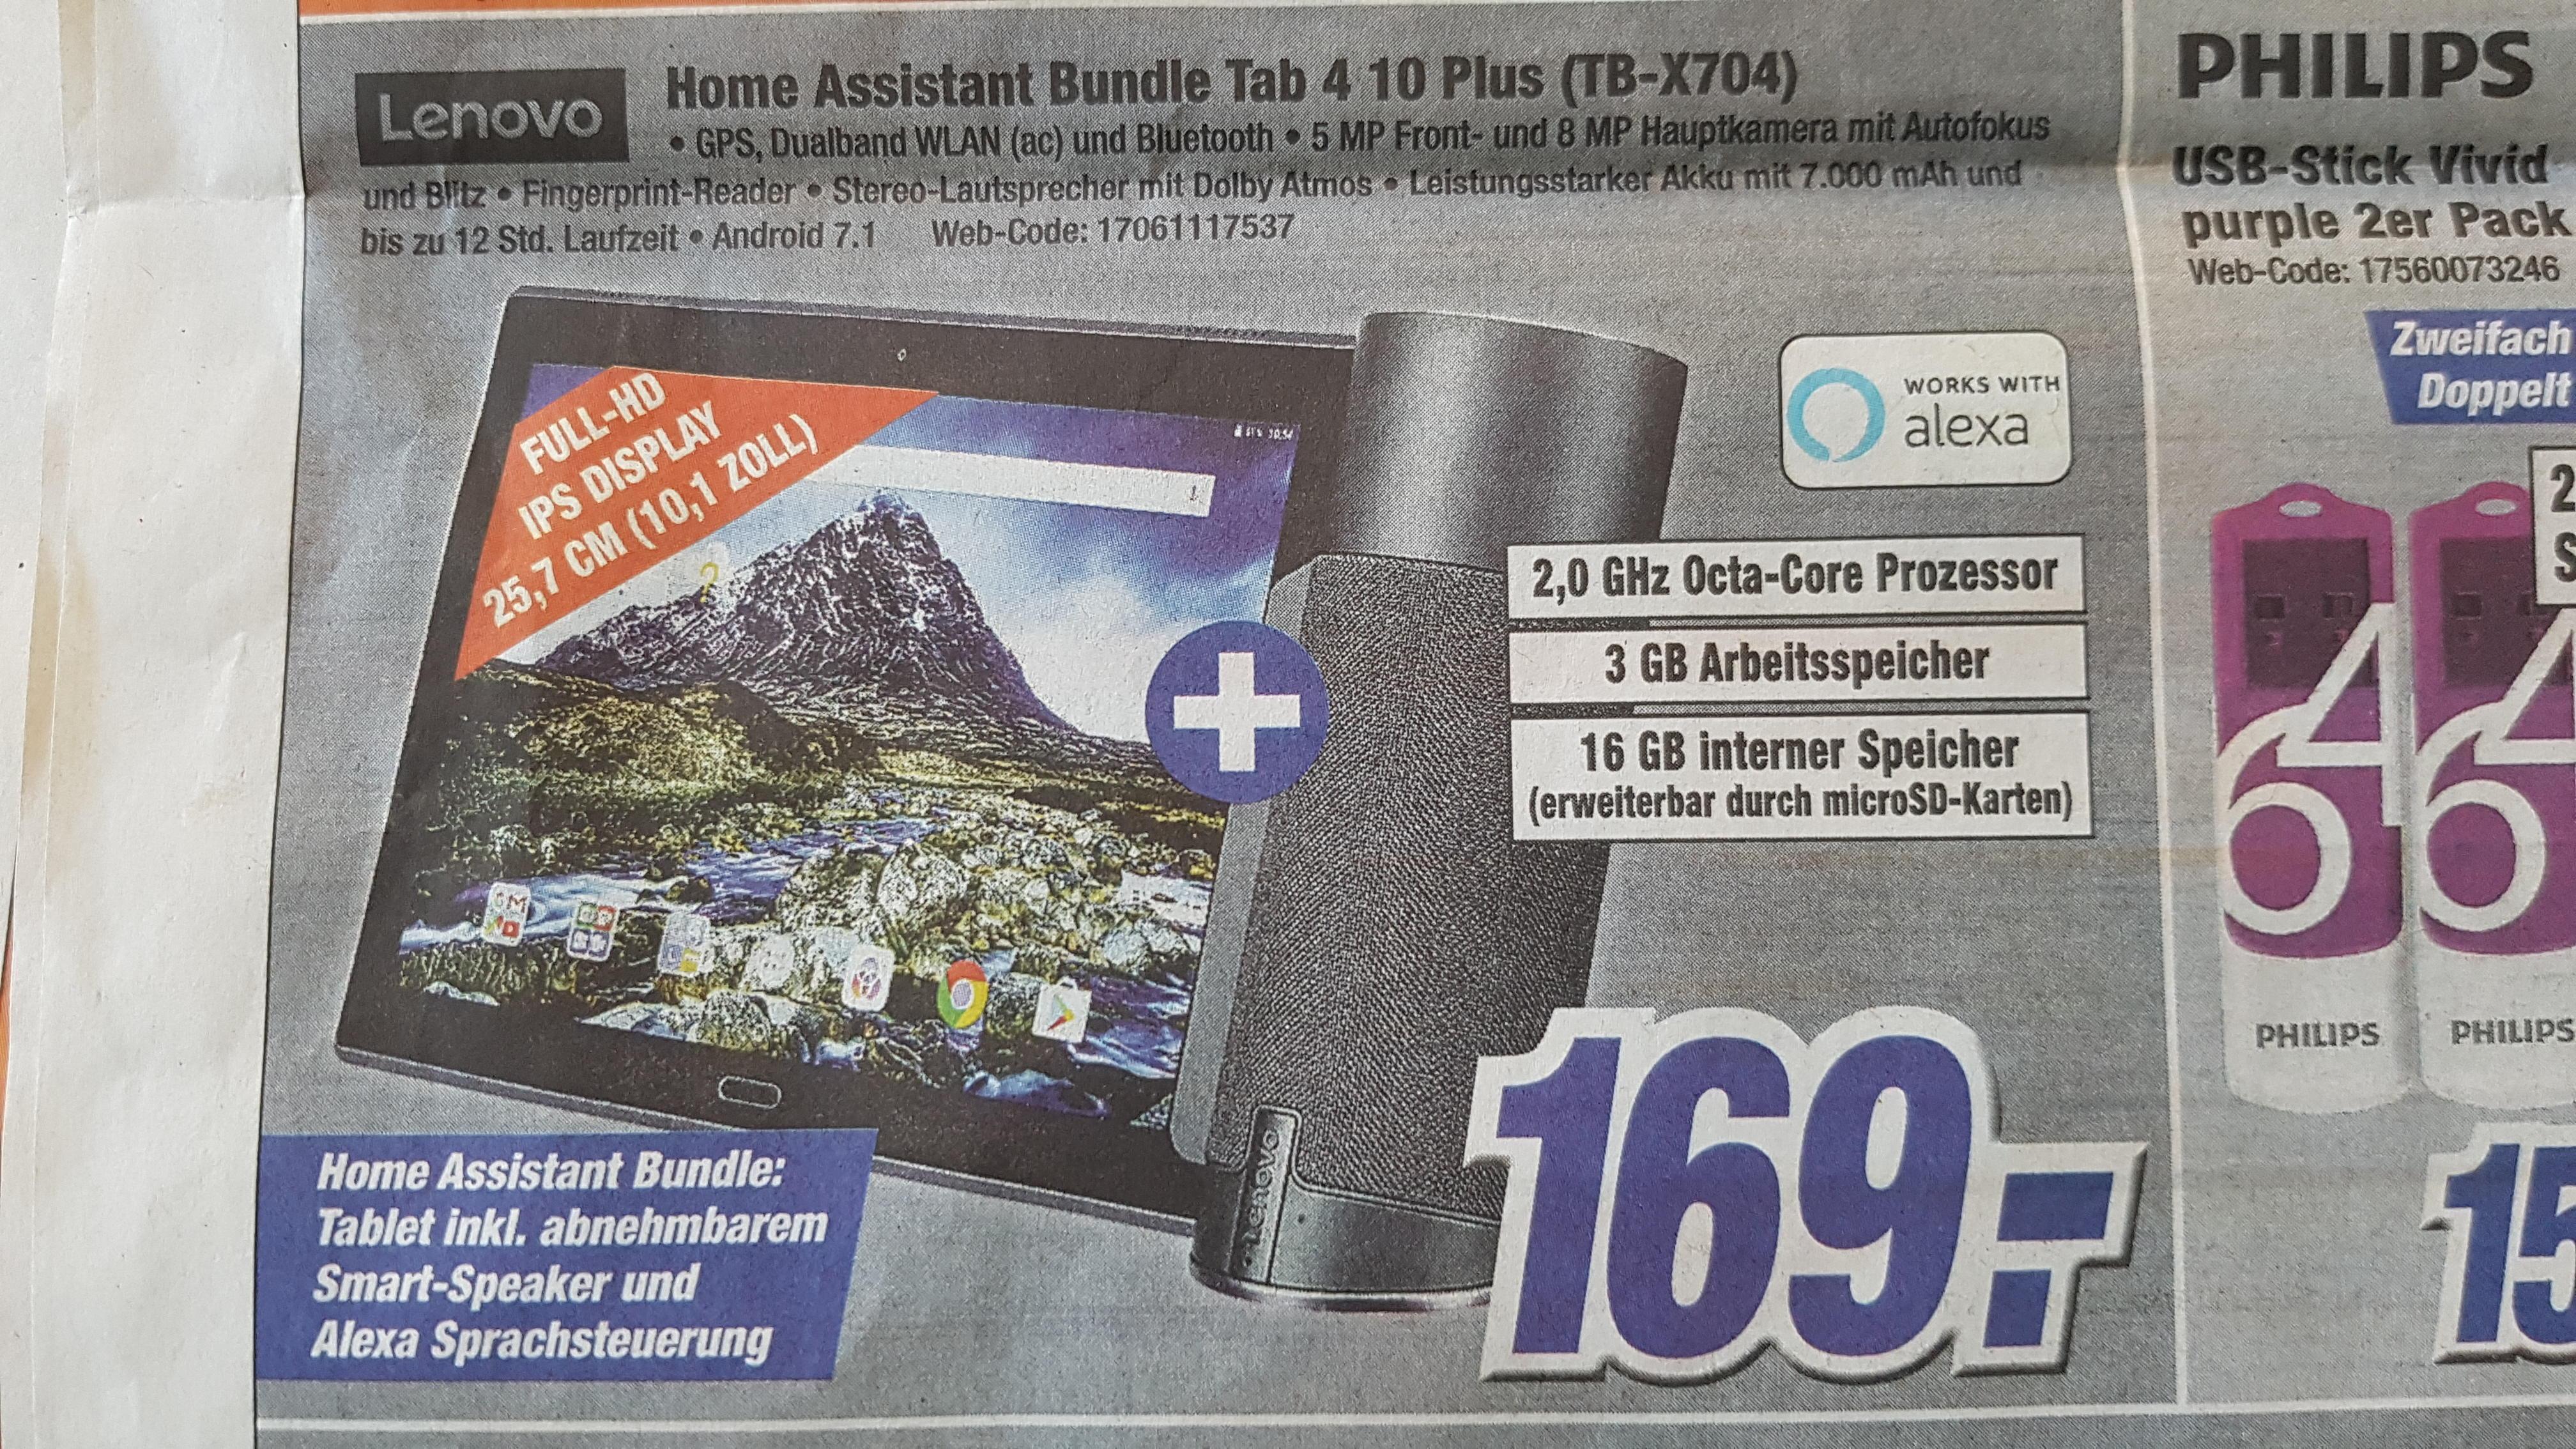 Lenovo Tab S4 10 Plus Home Assistant Bundle (TB-X704)